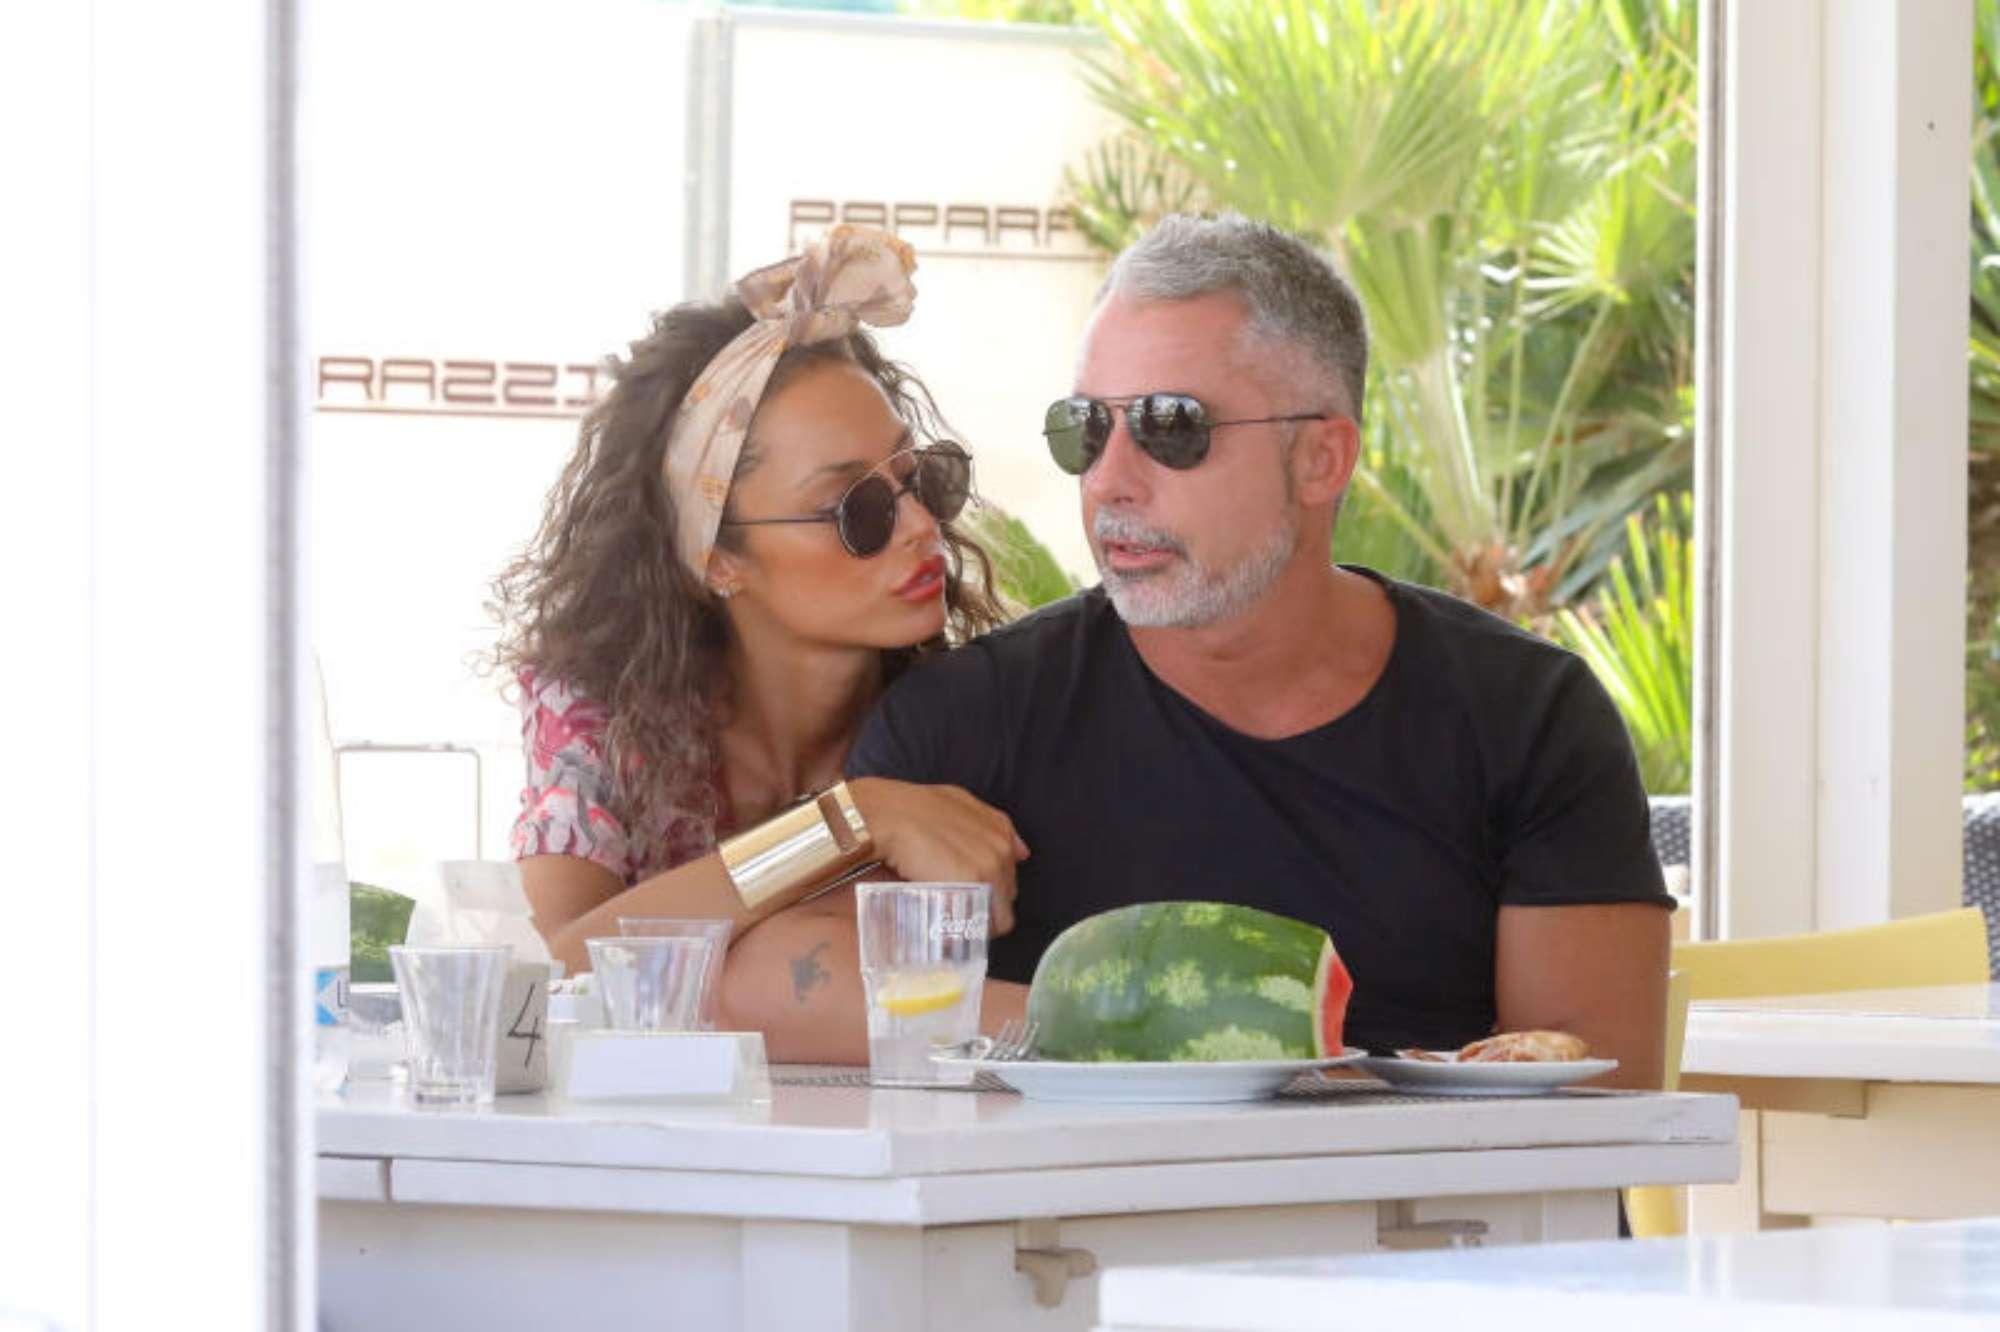 Raffaella Fico a pranzo con il fidanzato Alessandro Moggi